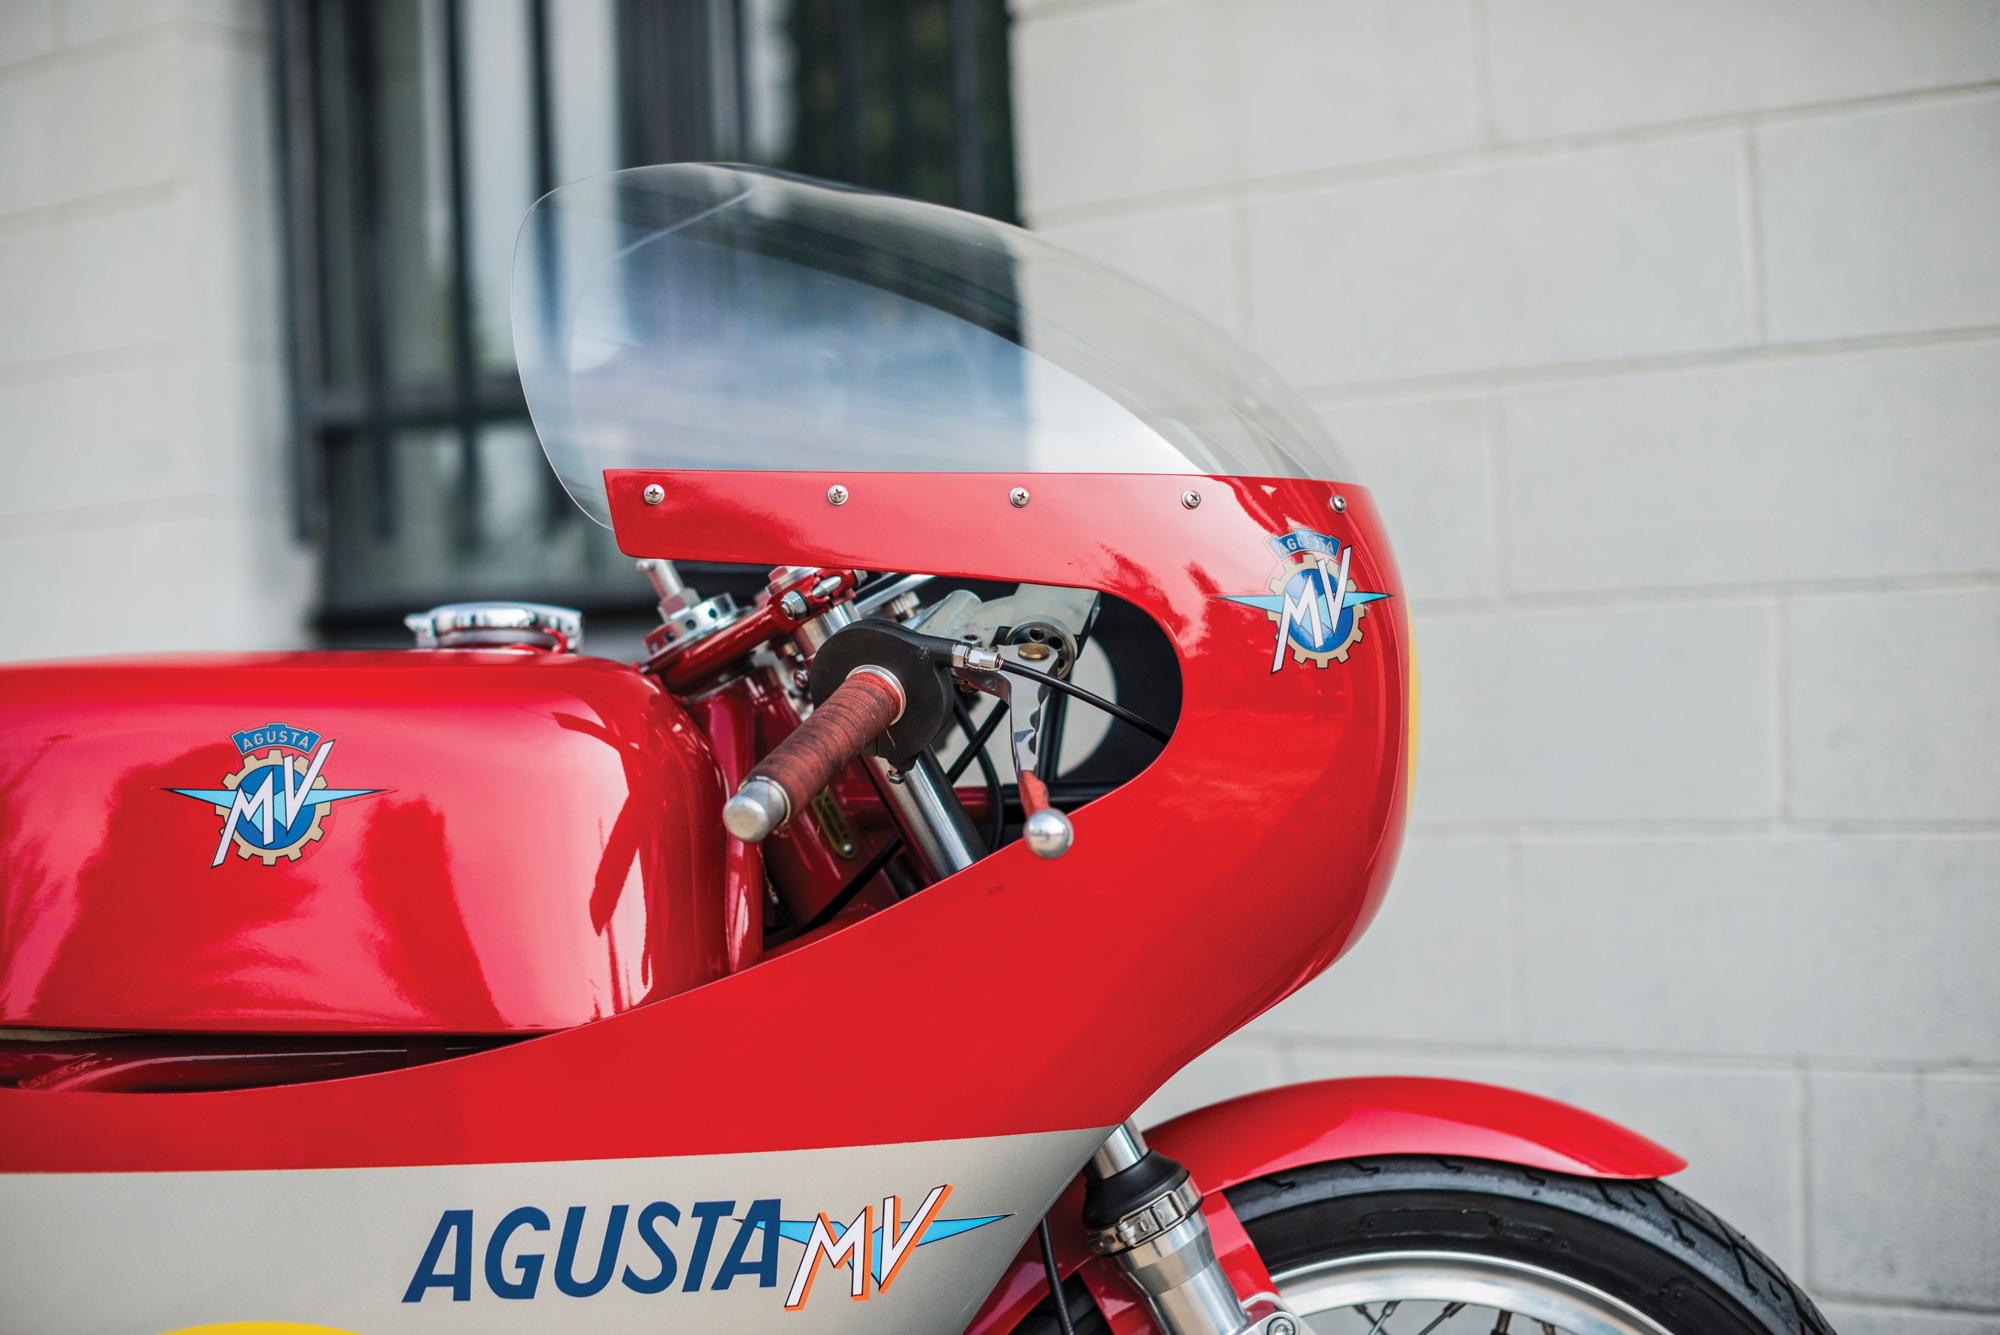 MV Agusta 500 fairing 2017 Villa Erba